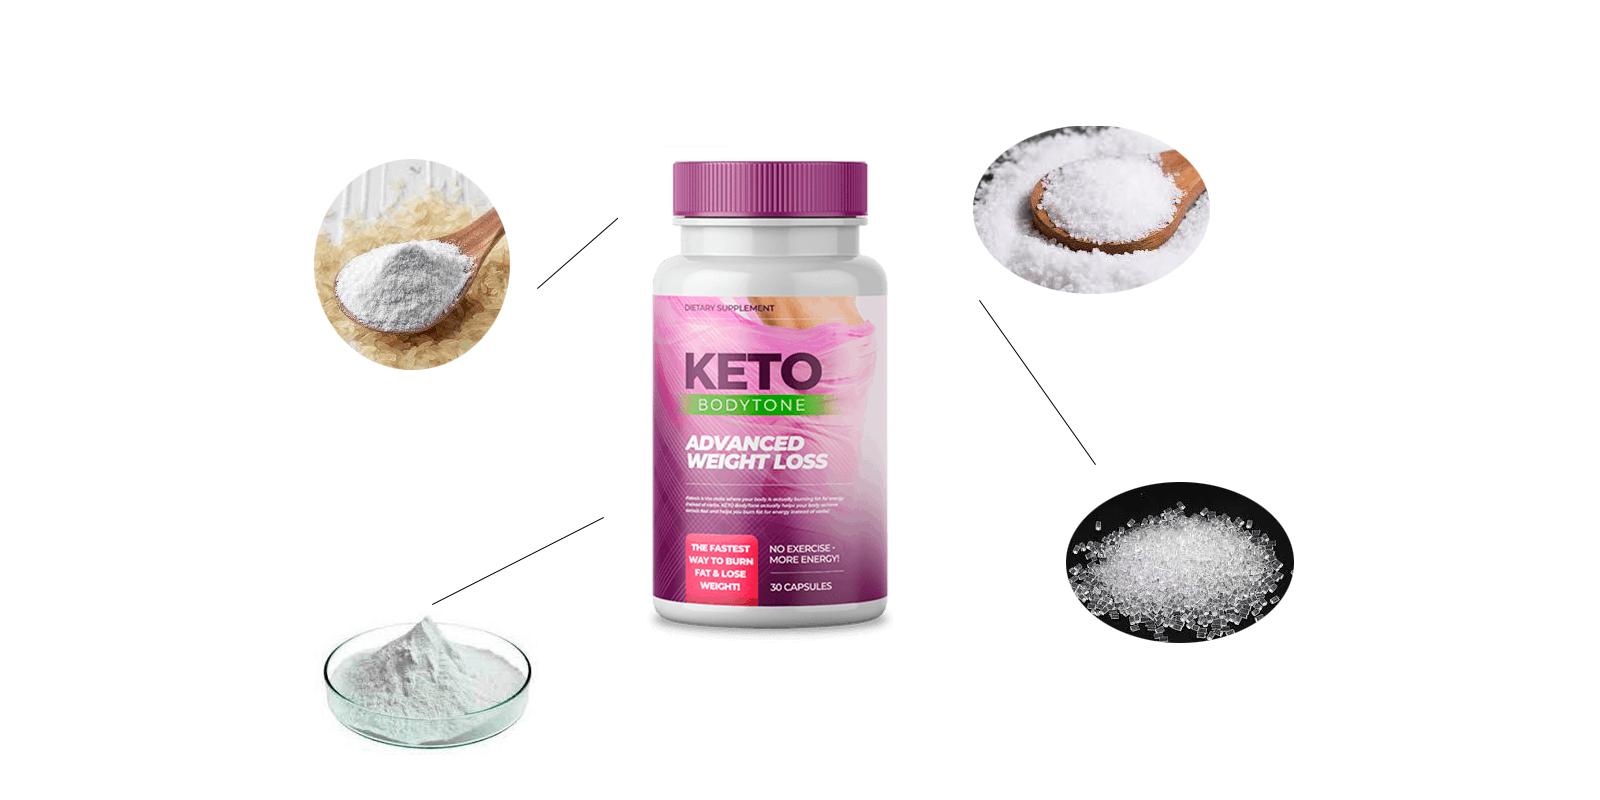 keto bodytone ingredients